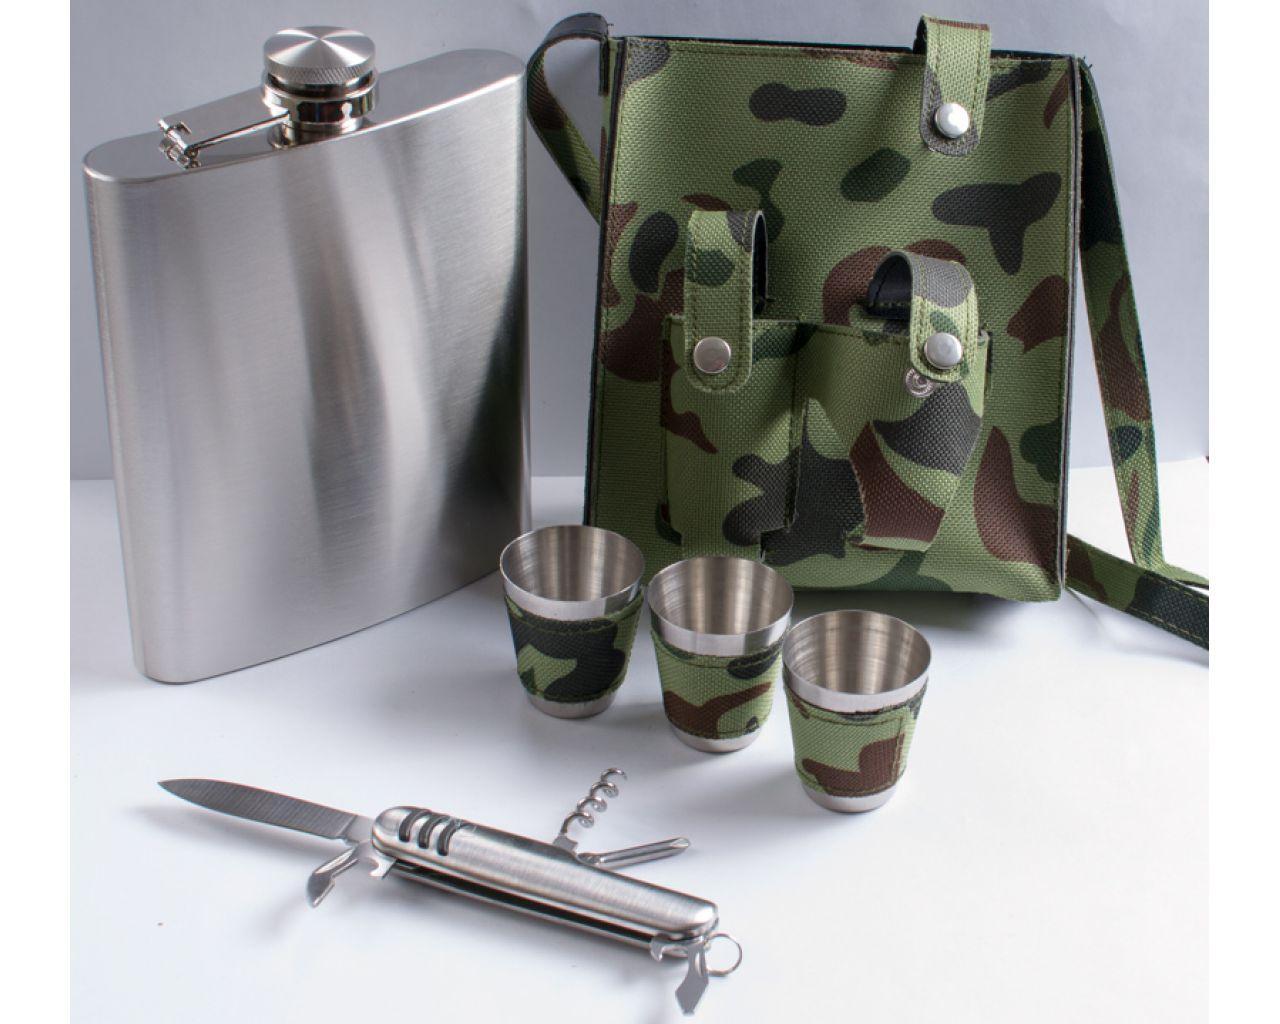 Подарочный набор Фляга в камуфляжном чехле + рюмки.